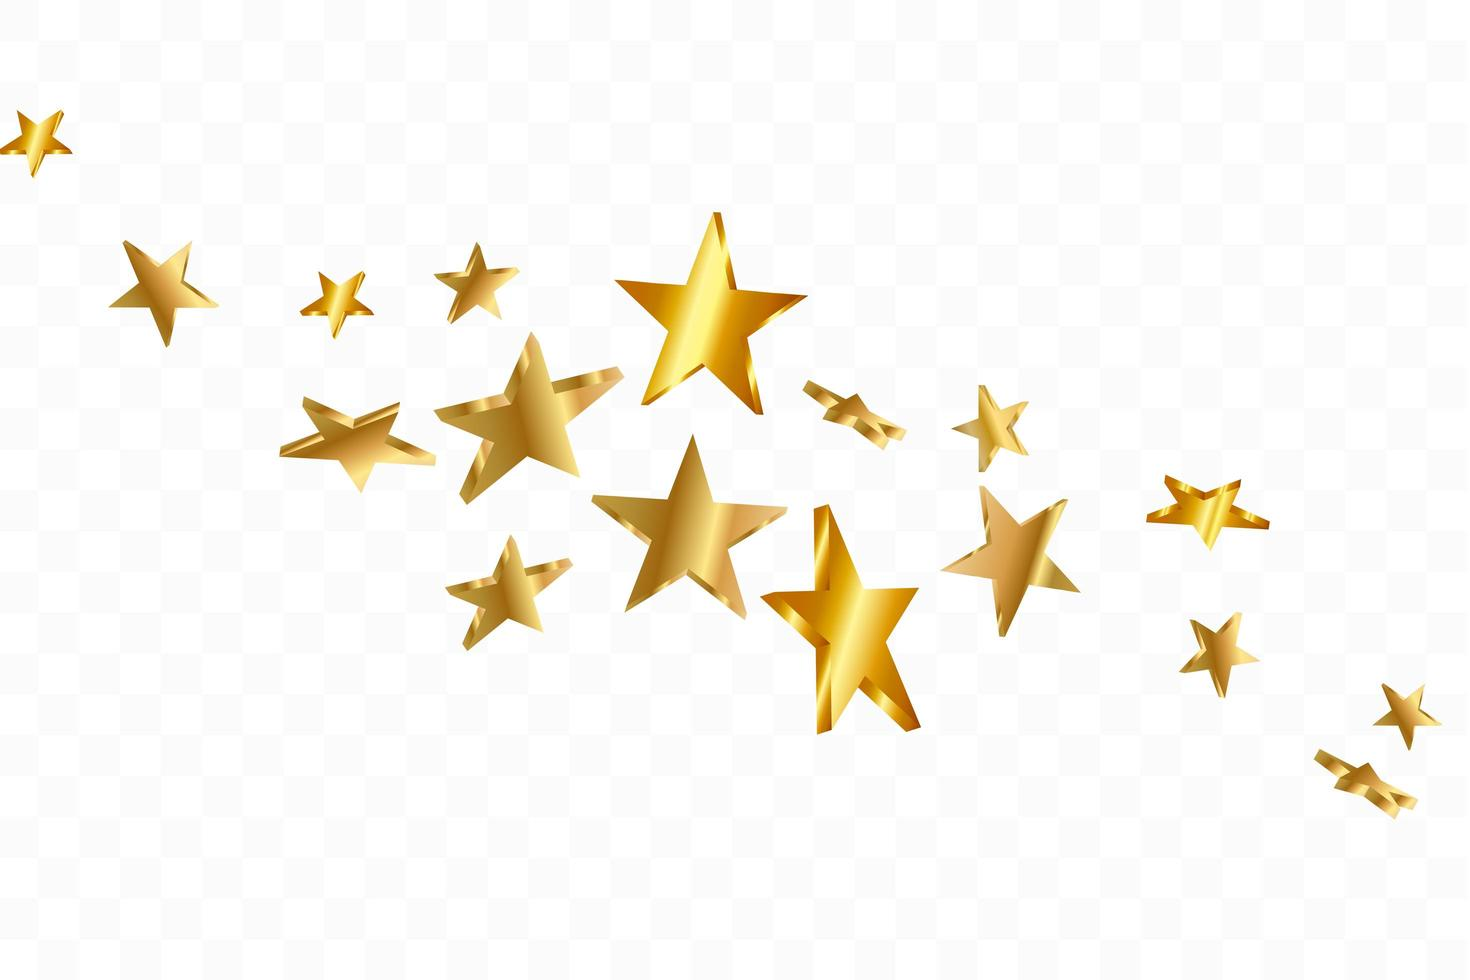 3D-sterren vallen. goudgele sterrenhemel achtergrond. vector confetti ster achtergrond.